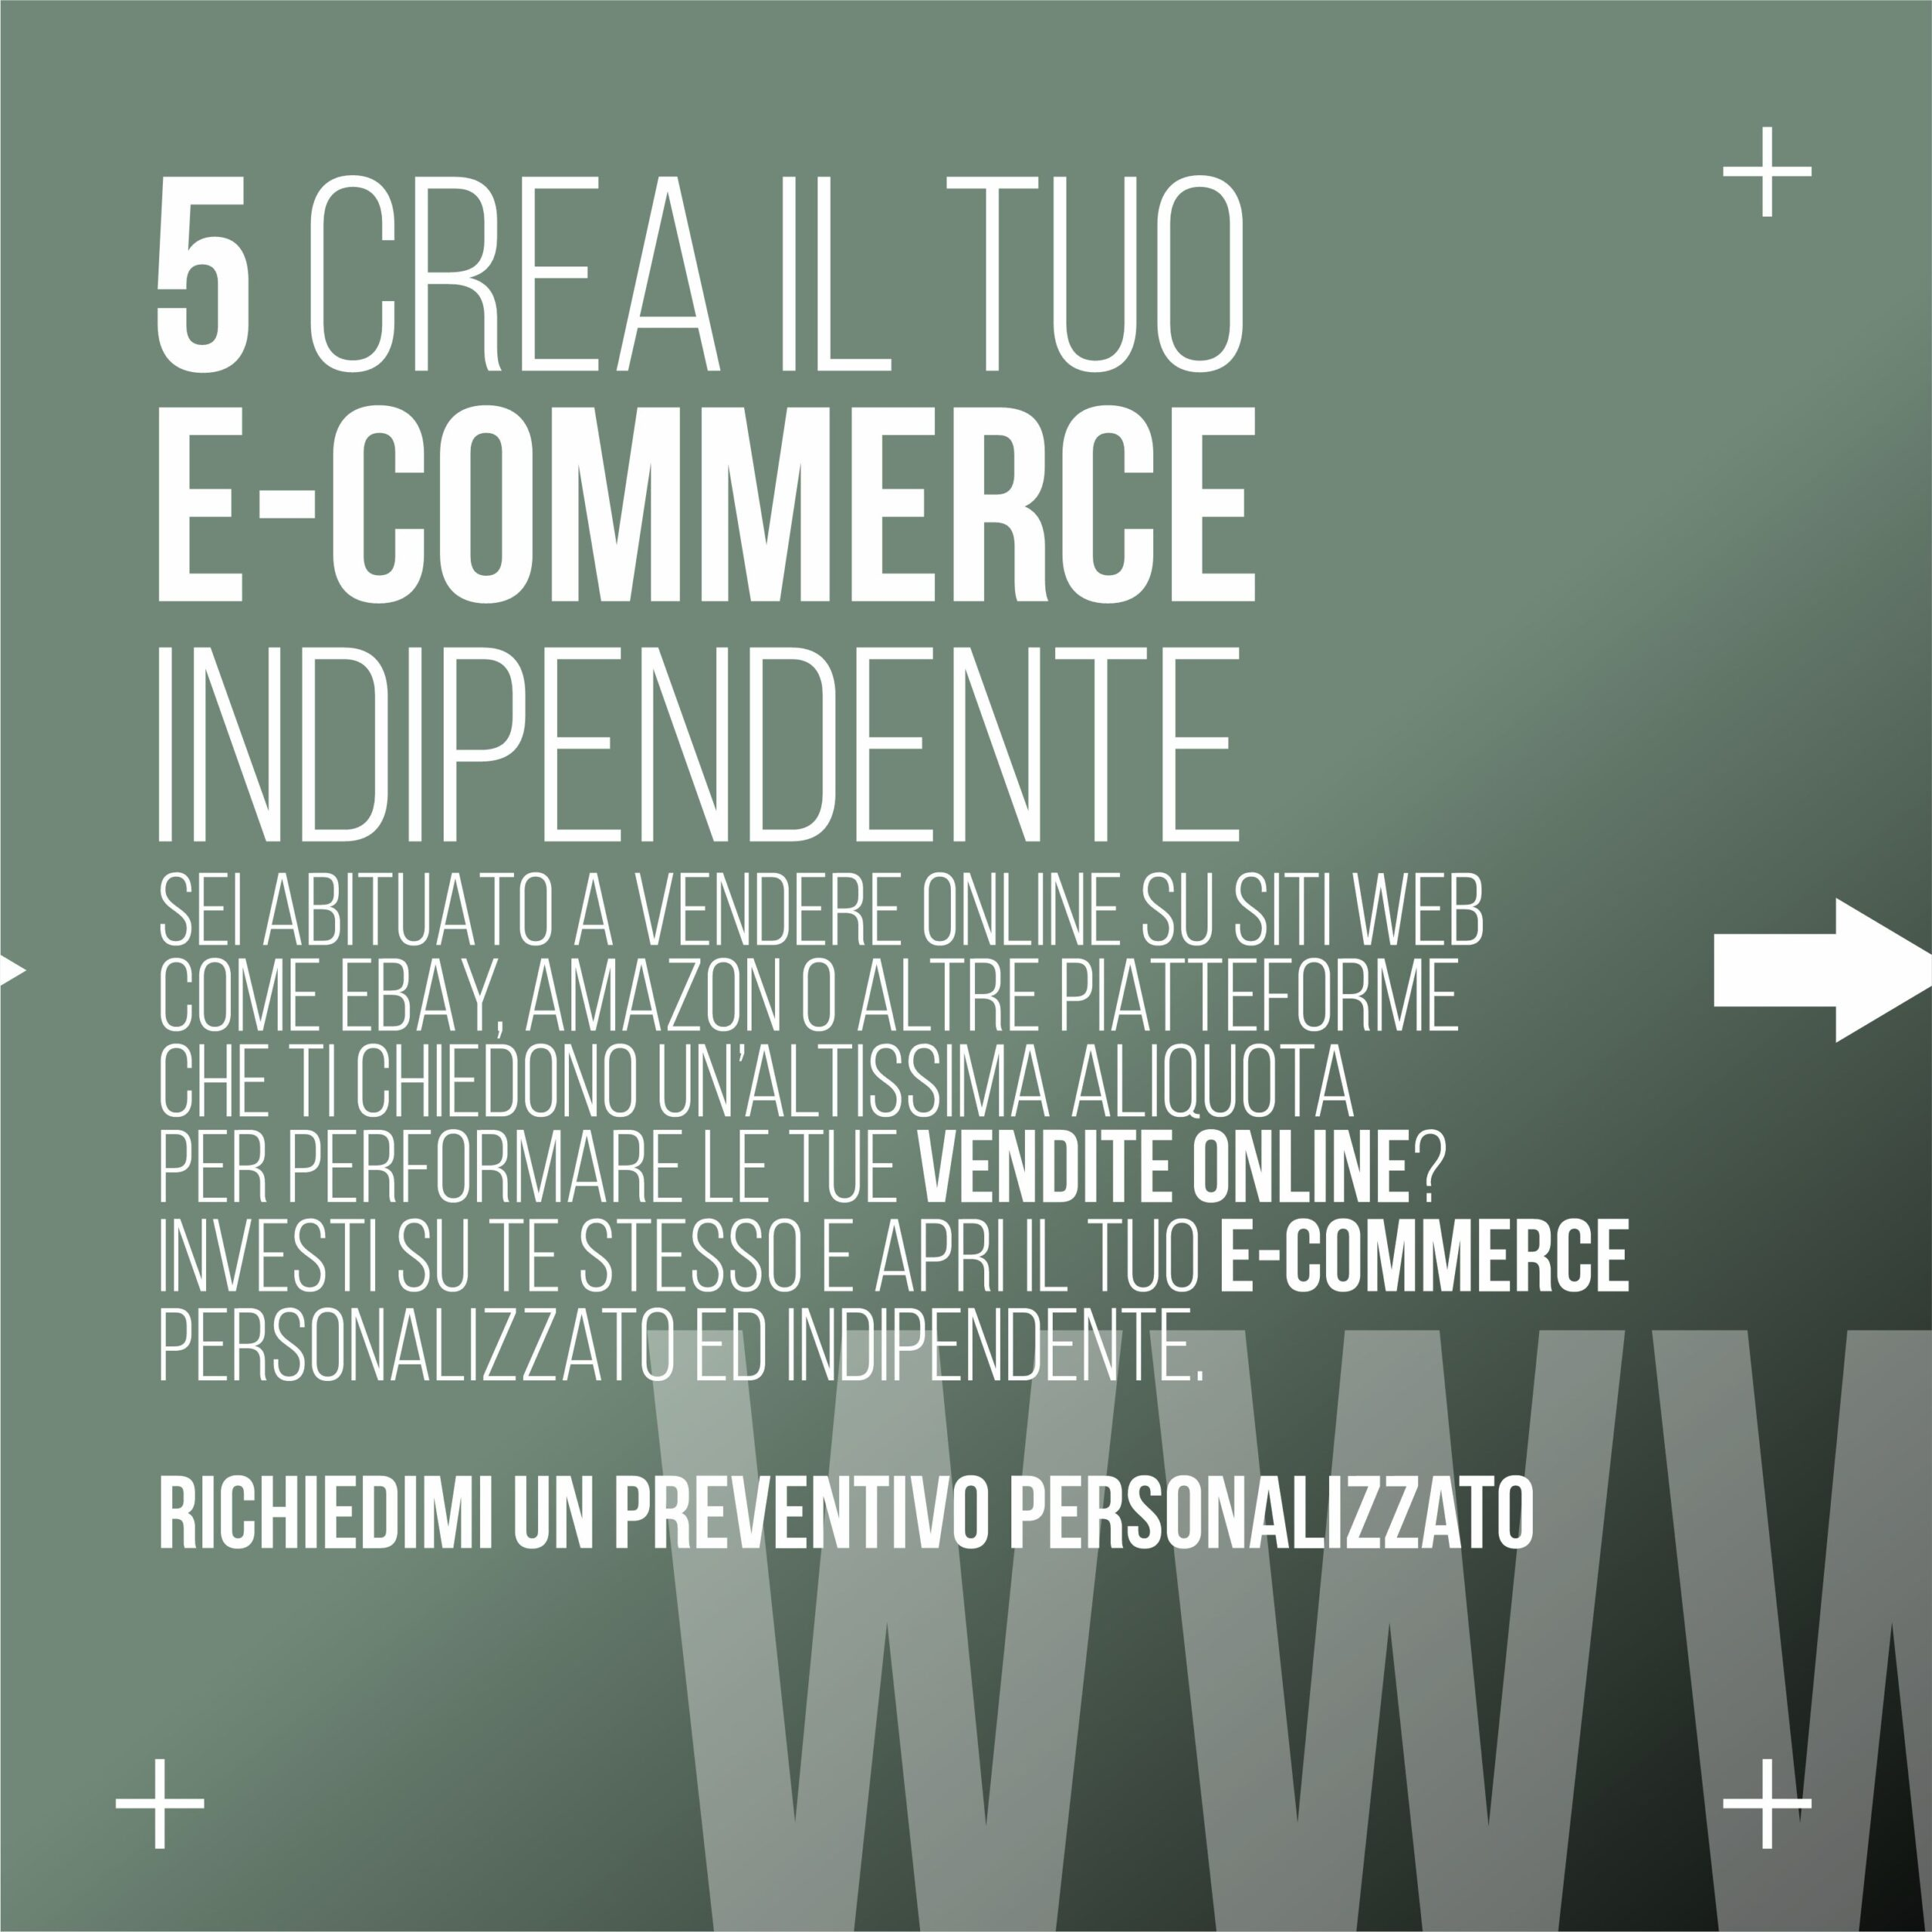 mastroinchiostro realizza il tuo sito web e-commerce